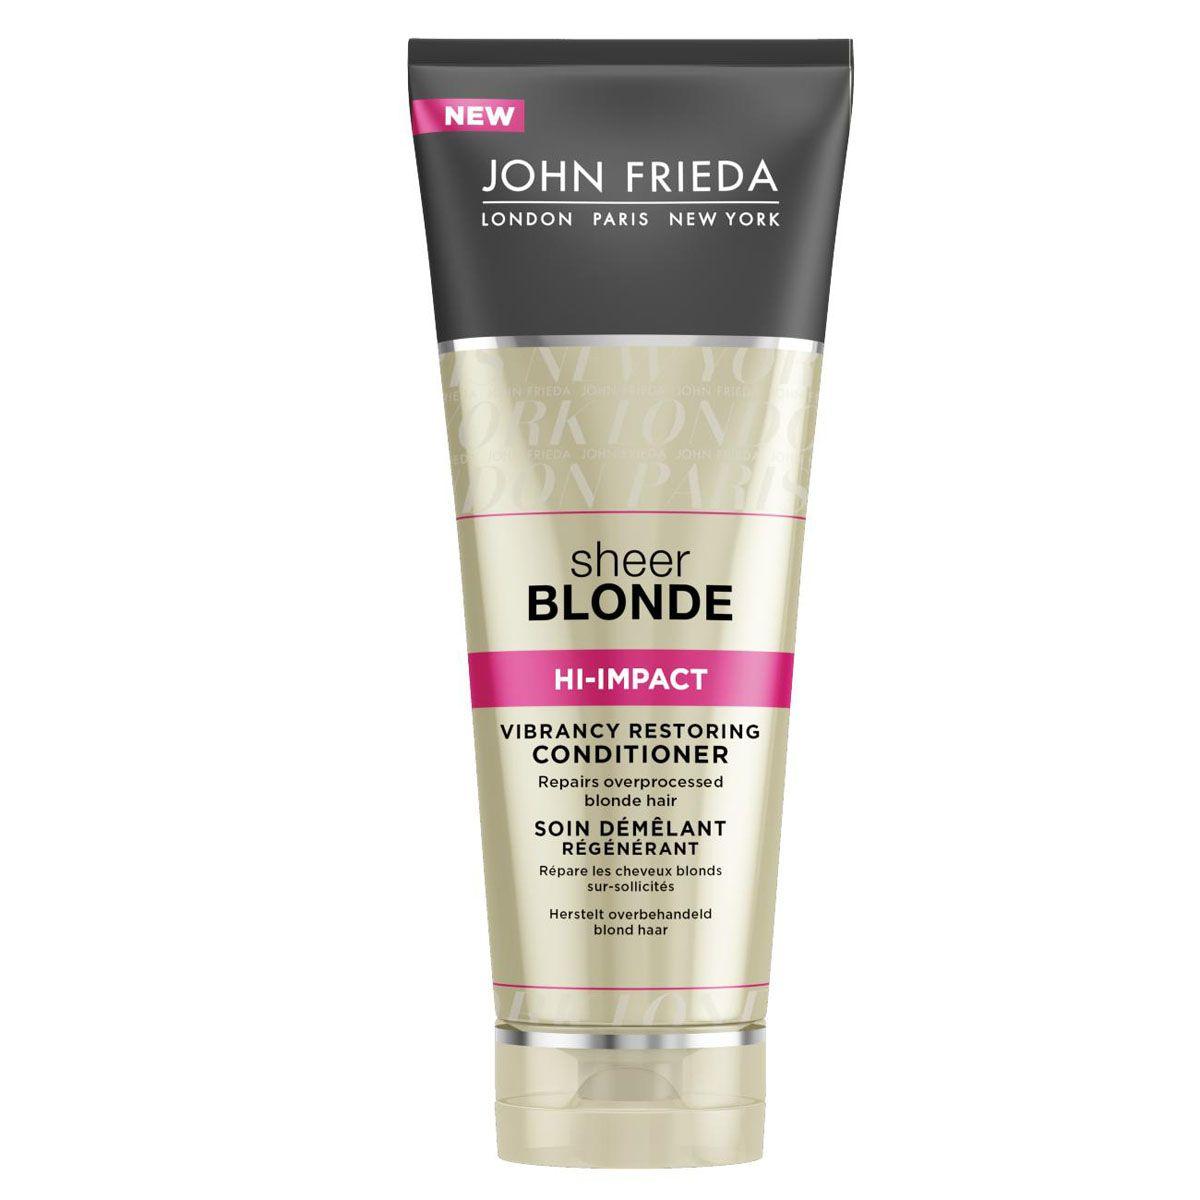 John Frieda Восстанавливающий кондиционер для сильно поврежденных волос Sheer Blonde HI-IMPACT 250 мл72523WDРеставрирует сильно поврежденные светлые волосы. Реанимирует и восстанавливает истонченные сильно поврежденные светлые волосы, возвращает им здоровый блеск и эластичность. Восстанавливающий кондиционер дополнительно увлажняет и питает ослабленные истонченные участки.